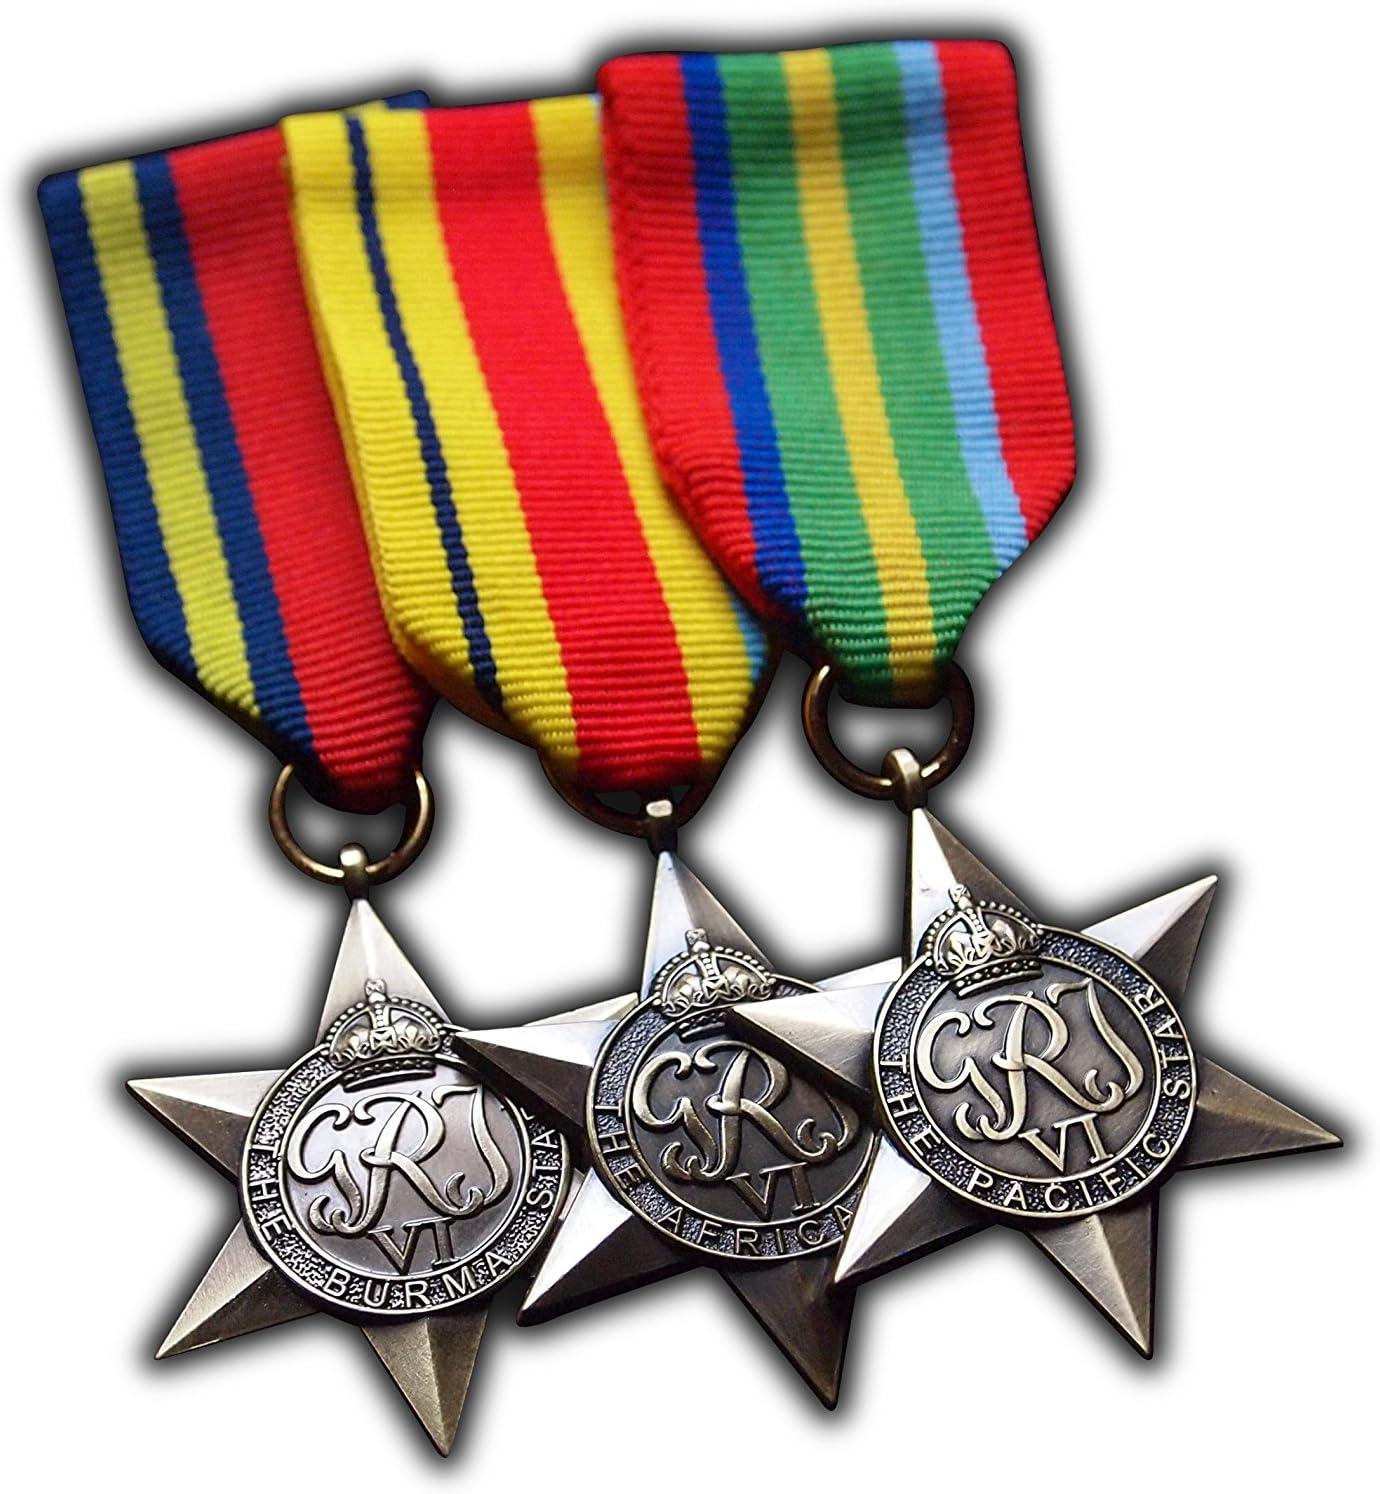 Juego de réplicas de medallas militares en forma de estrella Exotic Campaign + Estrella de África + Estrella de Birmania + Estrella del Pacífico: Amazon.es: Deportes y aire libre